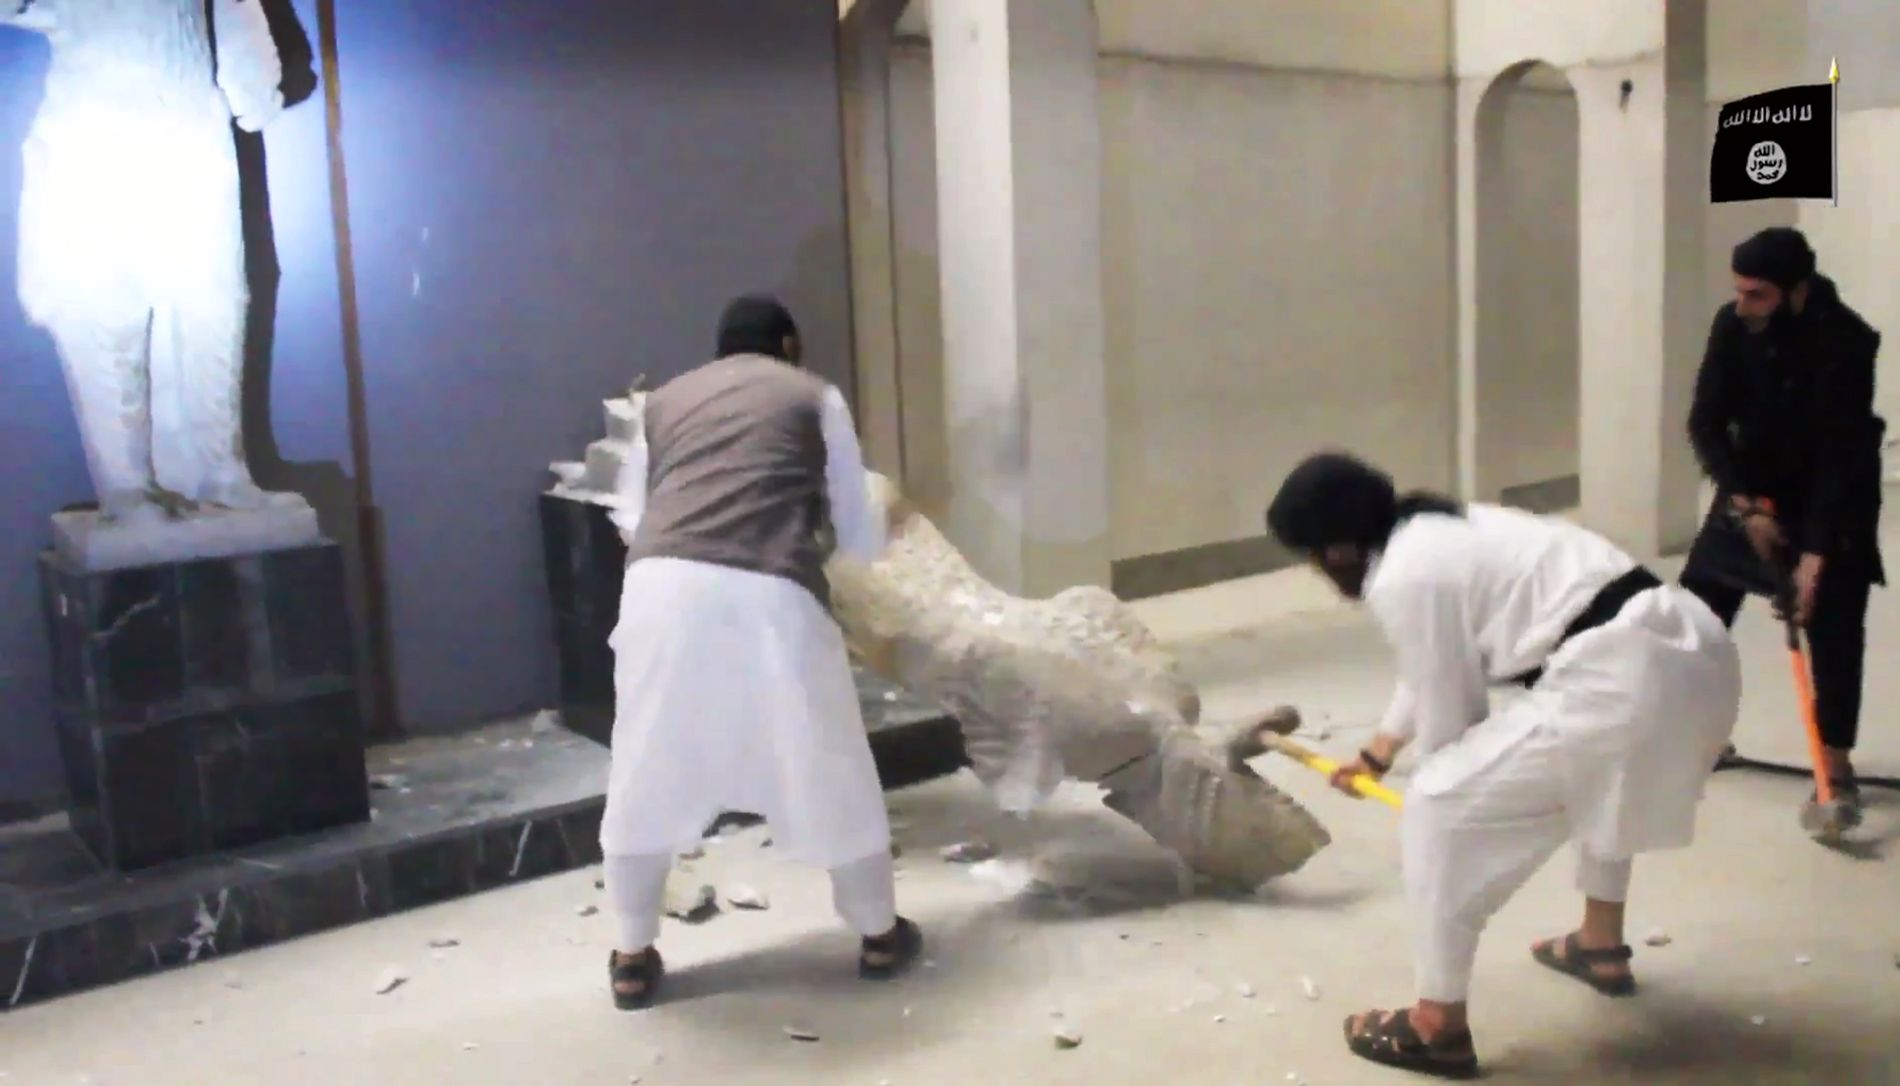 KNUSTE OLDTIDSMINNER: Her er soldater fra ekstremistgruppen IS i ferd med å knuse Mosulmuseets samlinger med slegger. Bildet er  henter fra en video som ble offentliggjort i februar 2015.